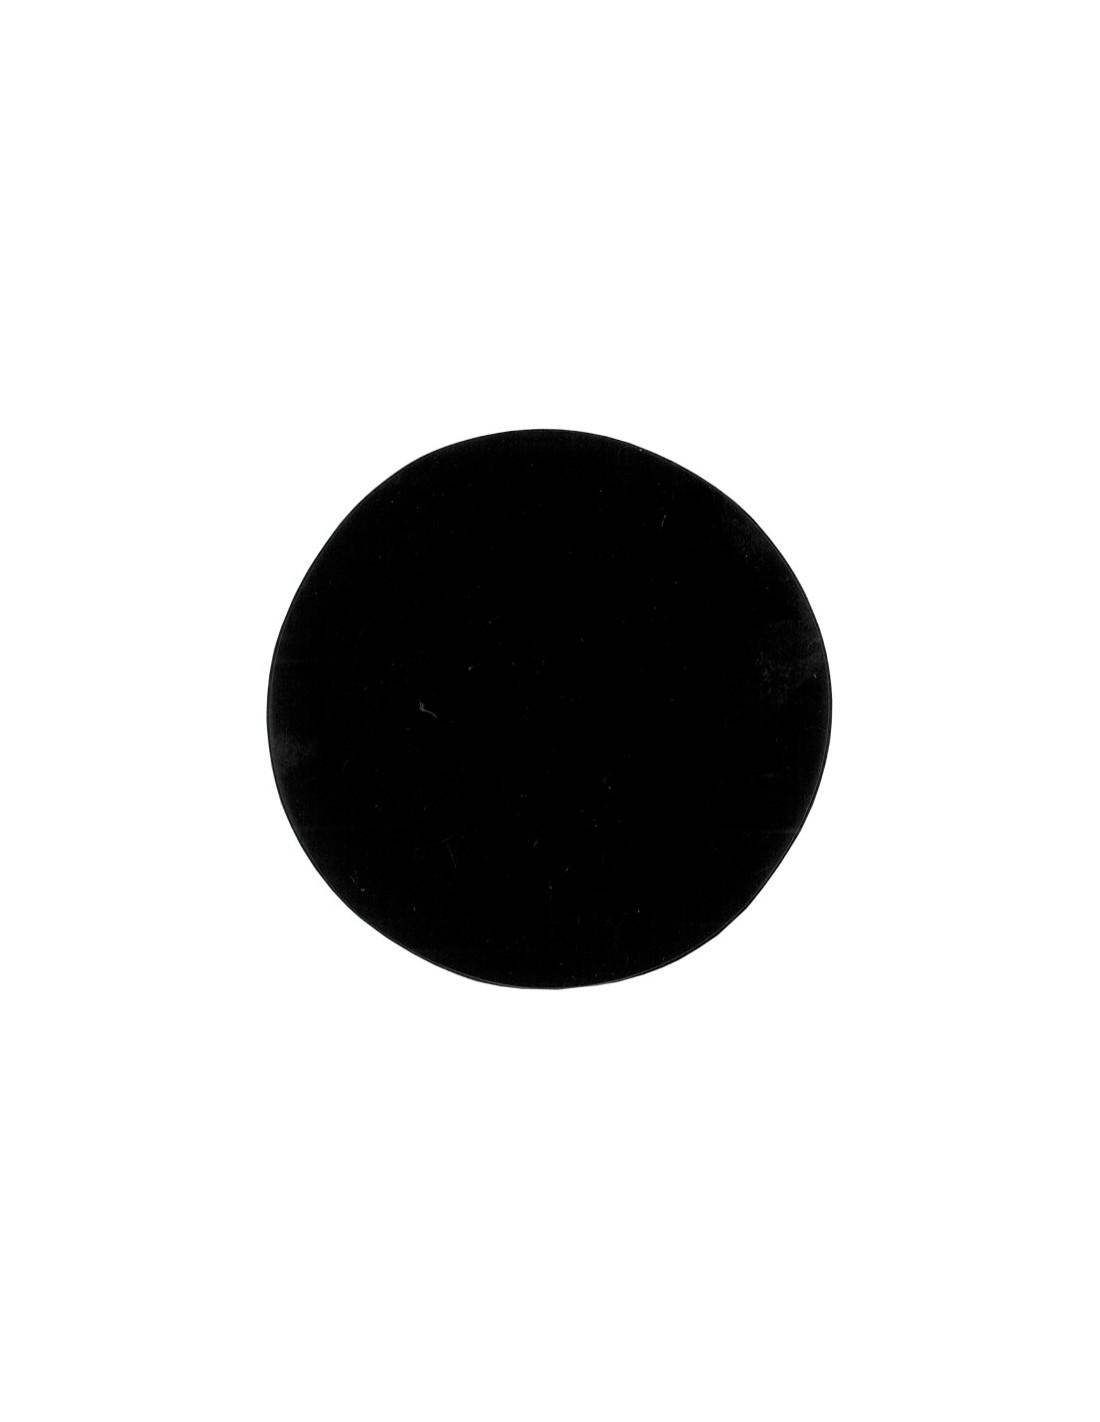 Miroir magique obsidienne noire e soteria for Miroir obsidienne